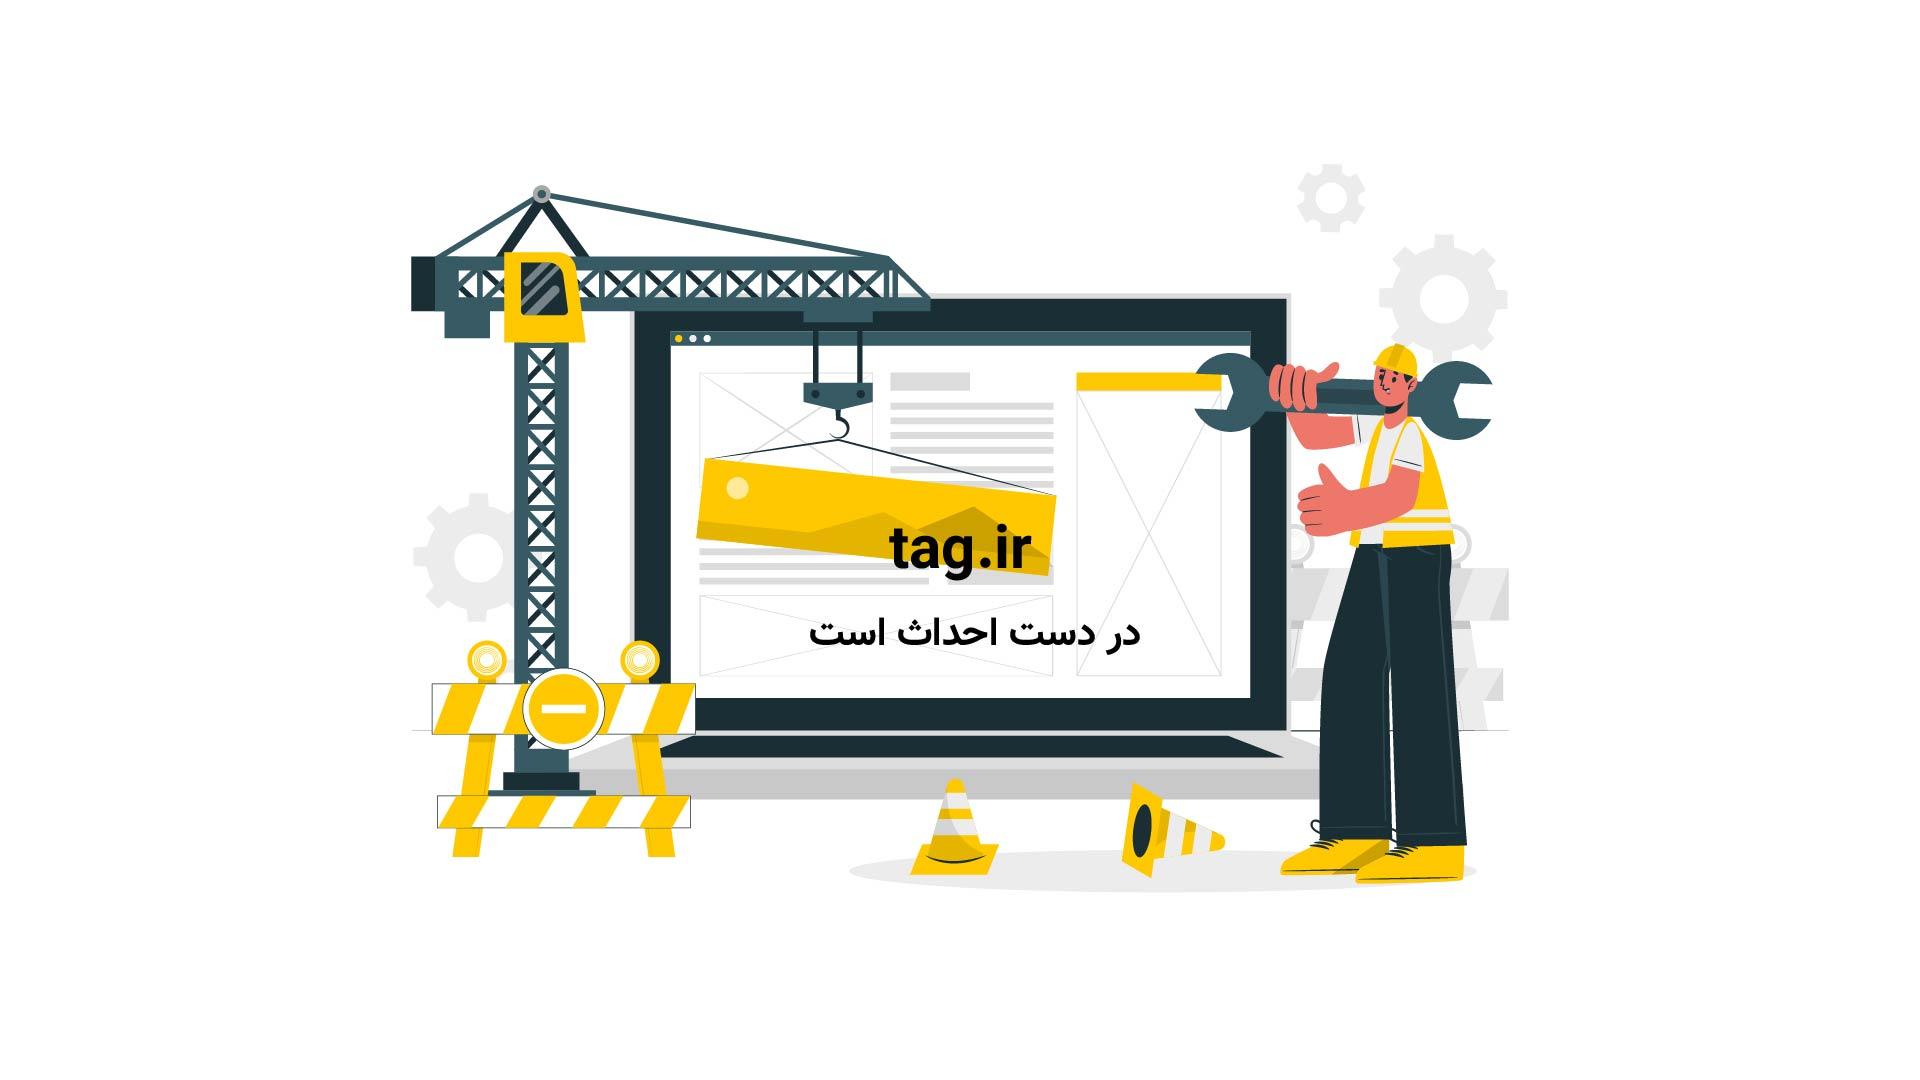 خلاصه بازی بسکتبال پرتلند تریل بلیزرز ۱۲۰ – ۱۲۱ لس آنجلس کلیپرز | فیلم